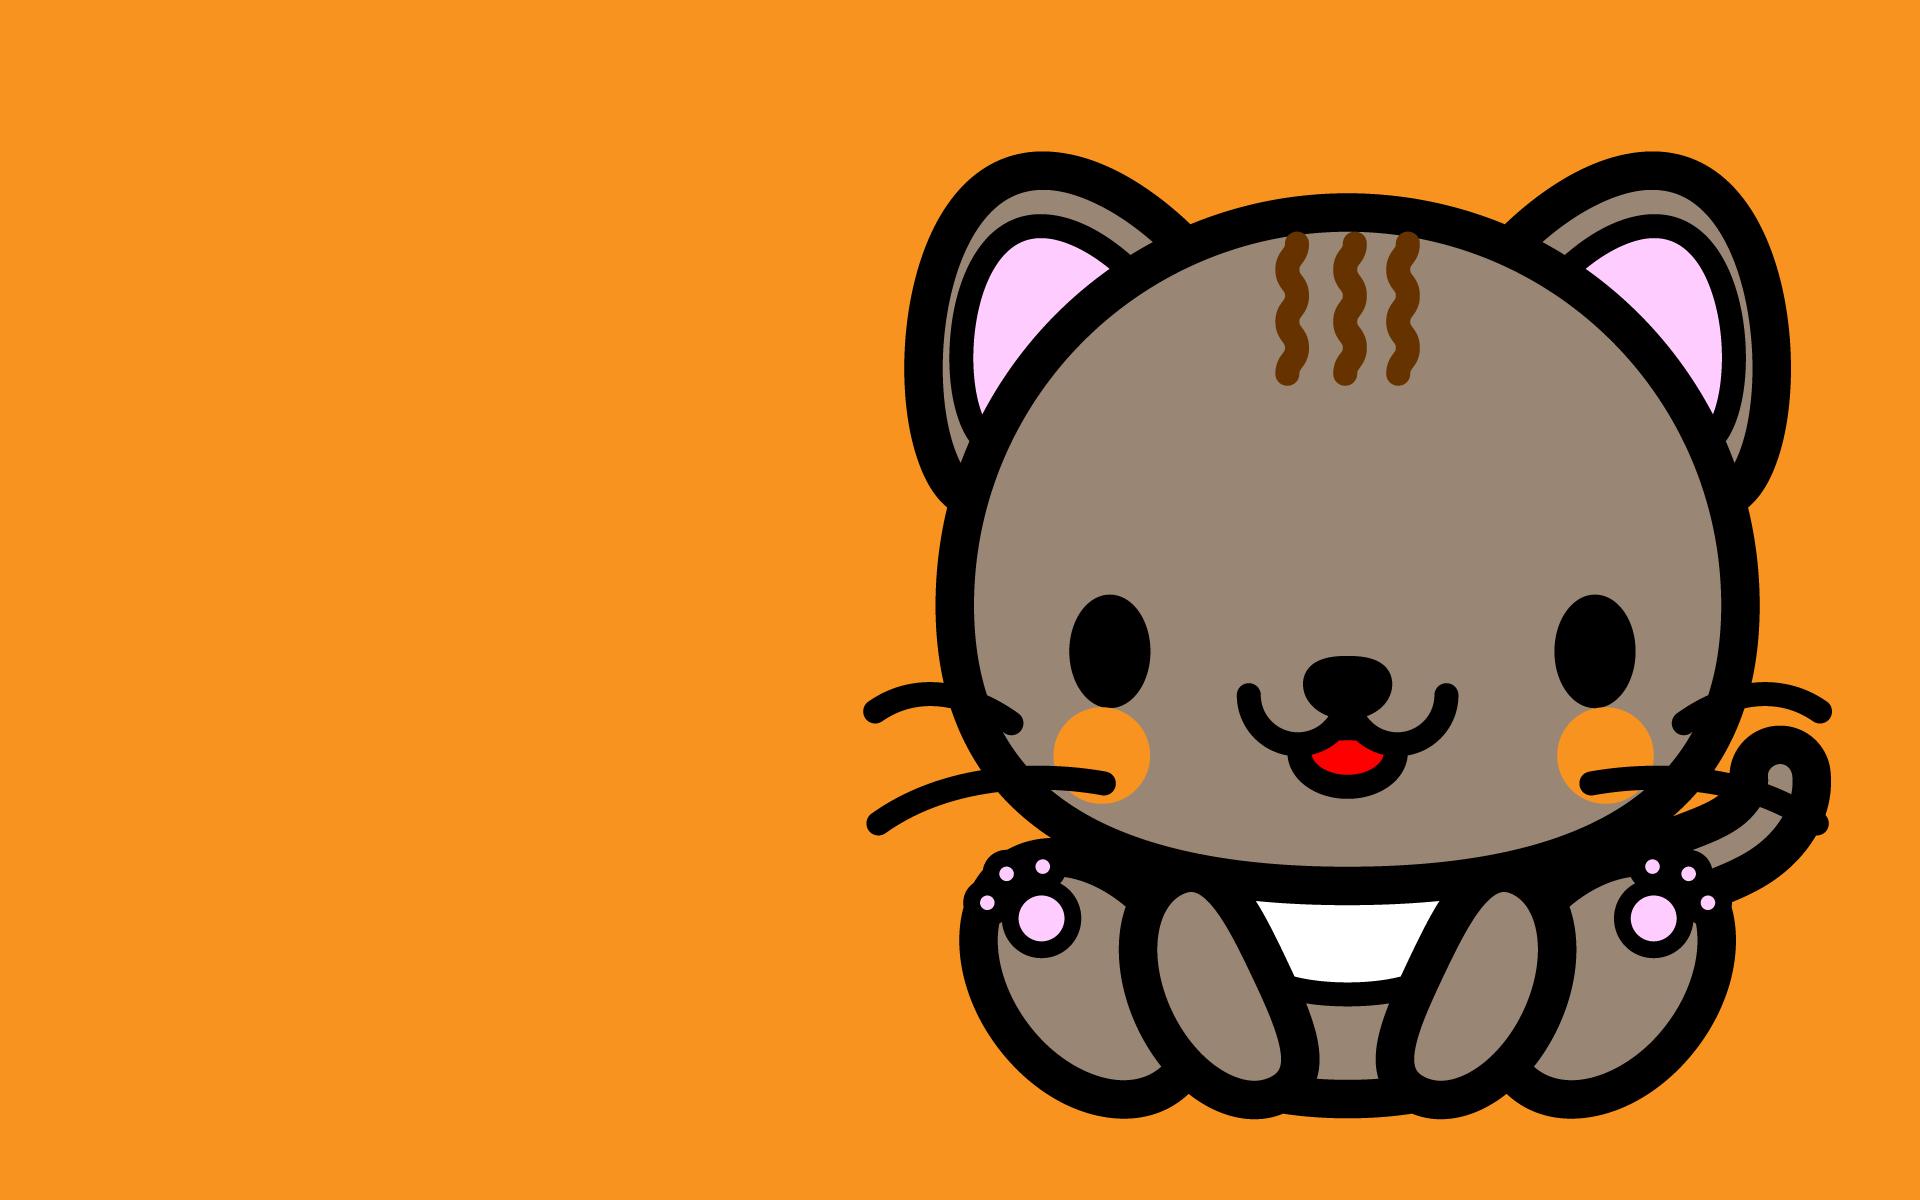 かわいい座り猫壁紙(pc)の無料イラスト・商用フリー | オイデ43